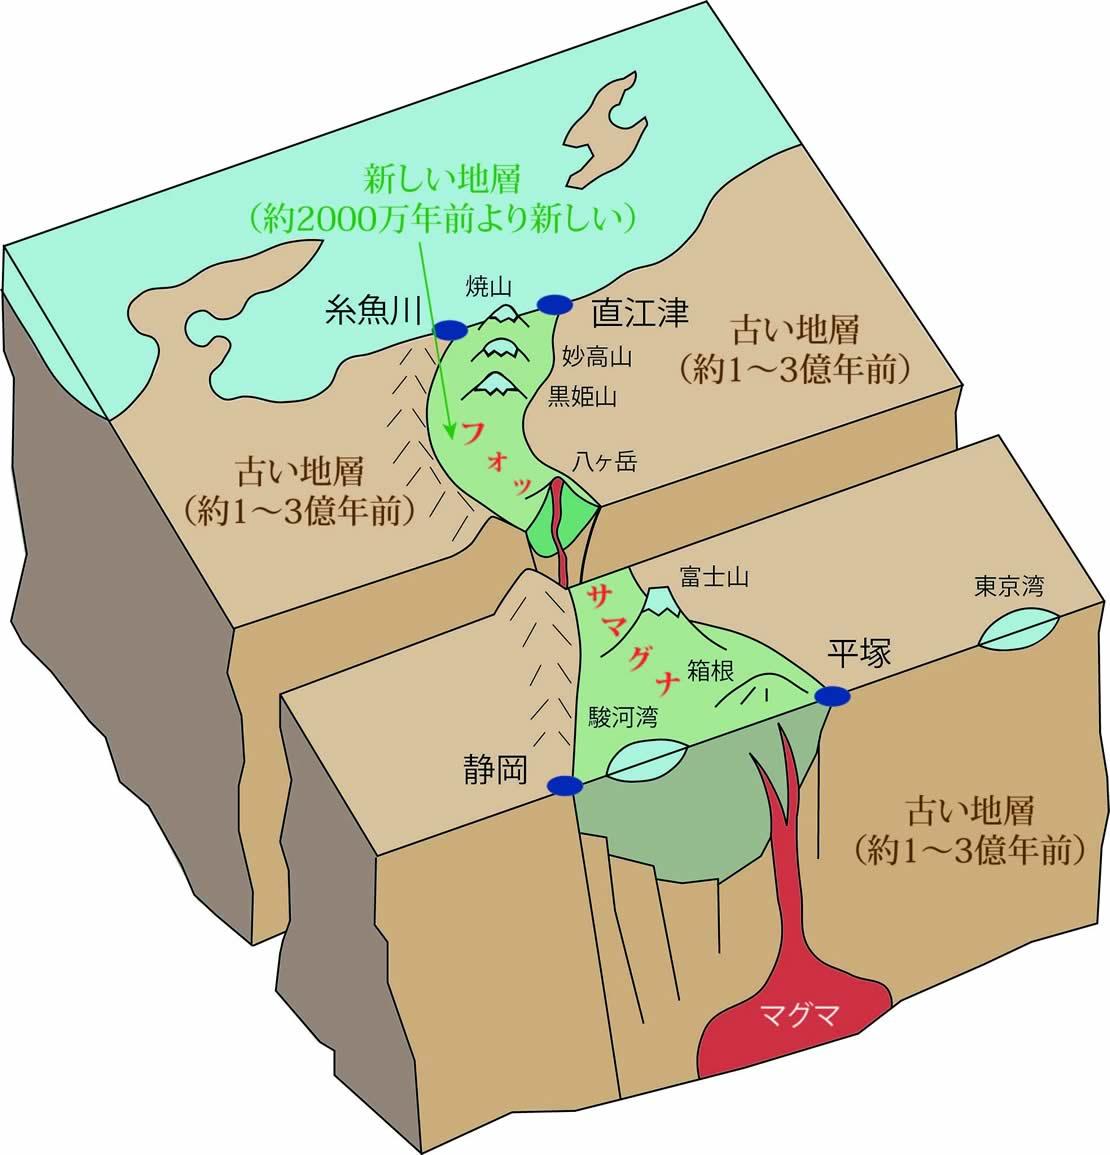 糸魚川-静岡構造線は、日本列島を地質学的な東北日本と西南日本に分ける断層